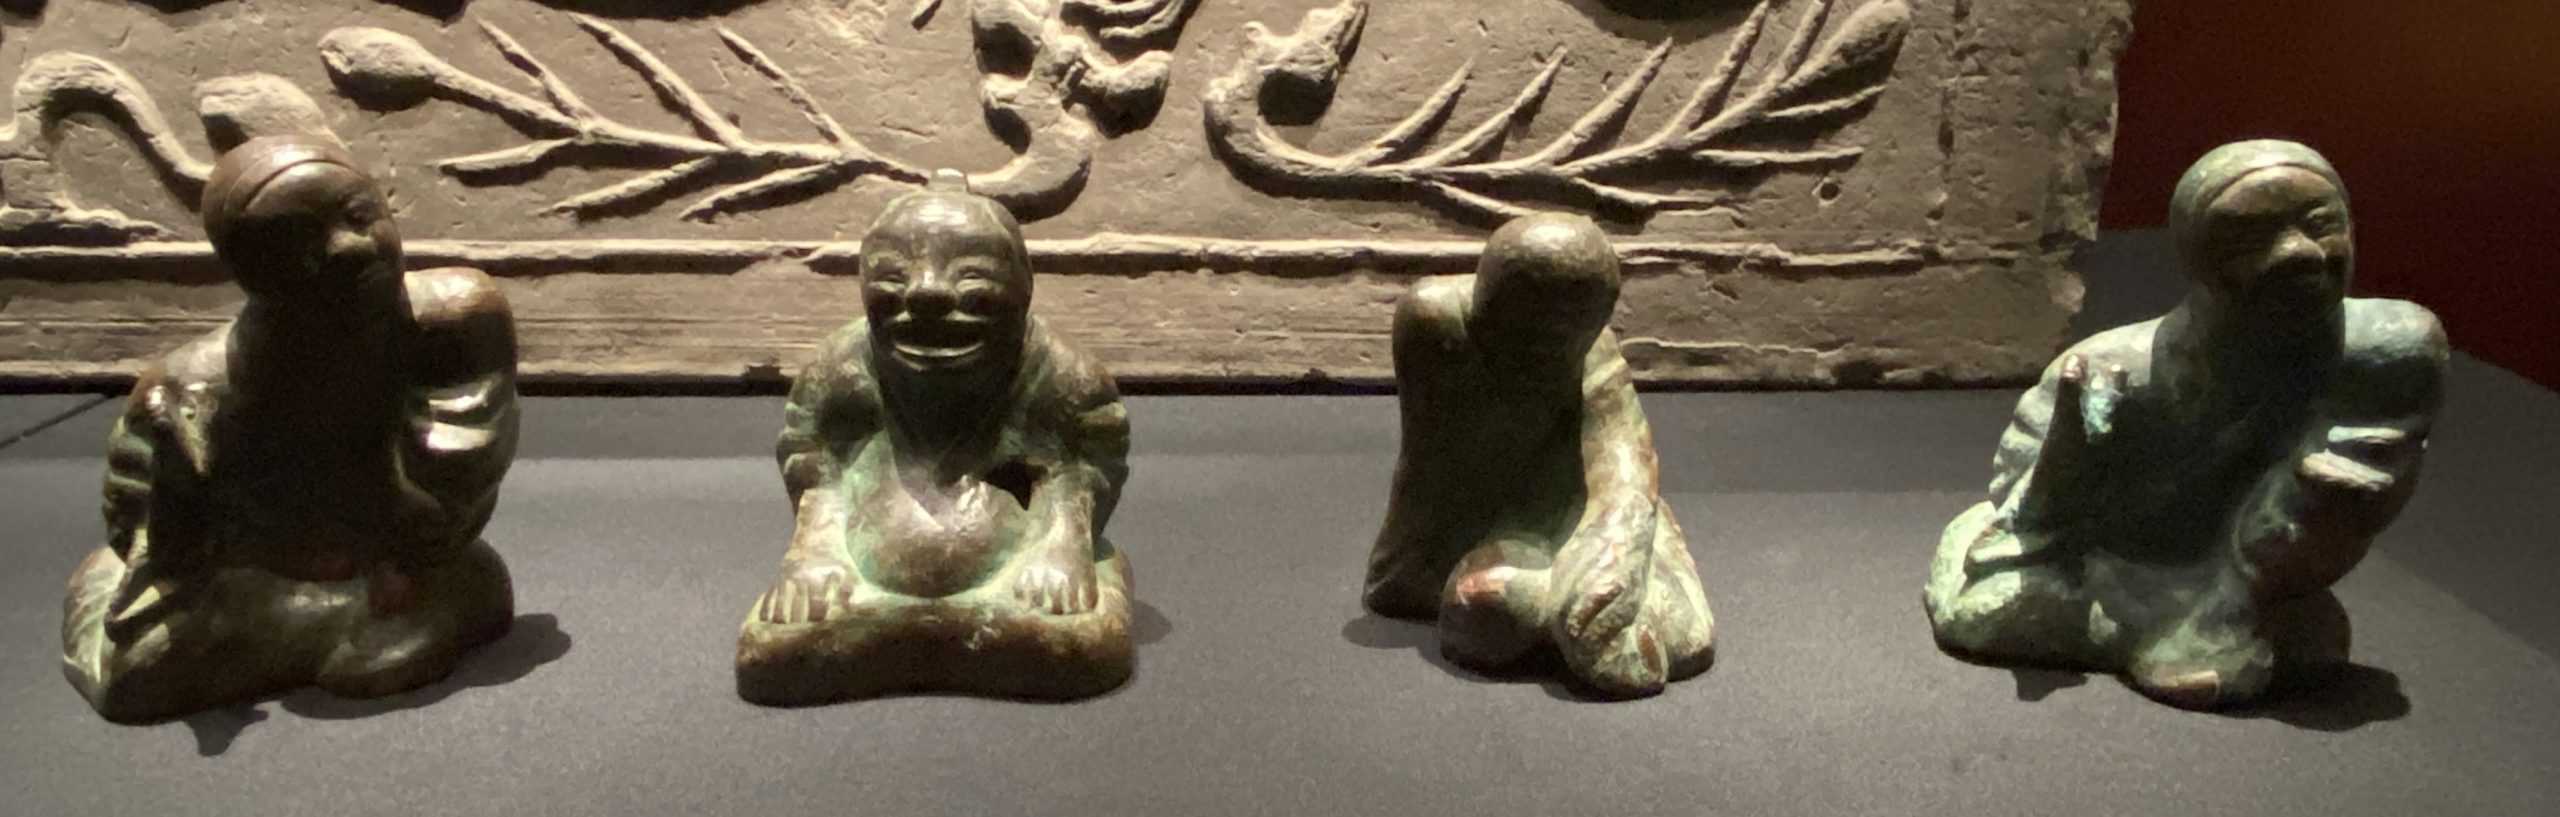 説唱銅鎮-【列備五都-秦漢時代の中国都市】-成都博物館-四川成都